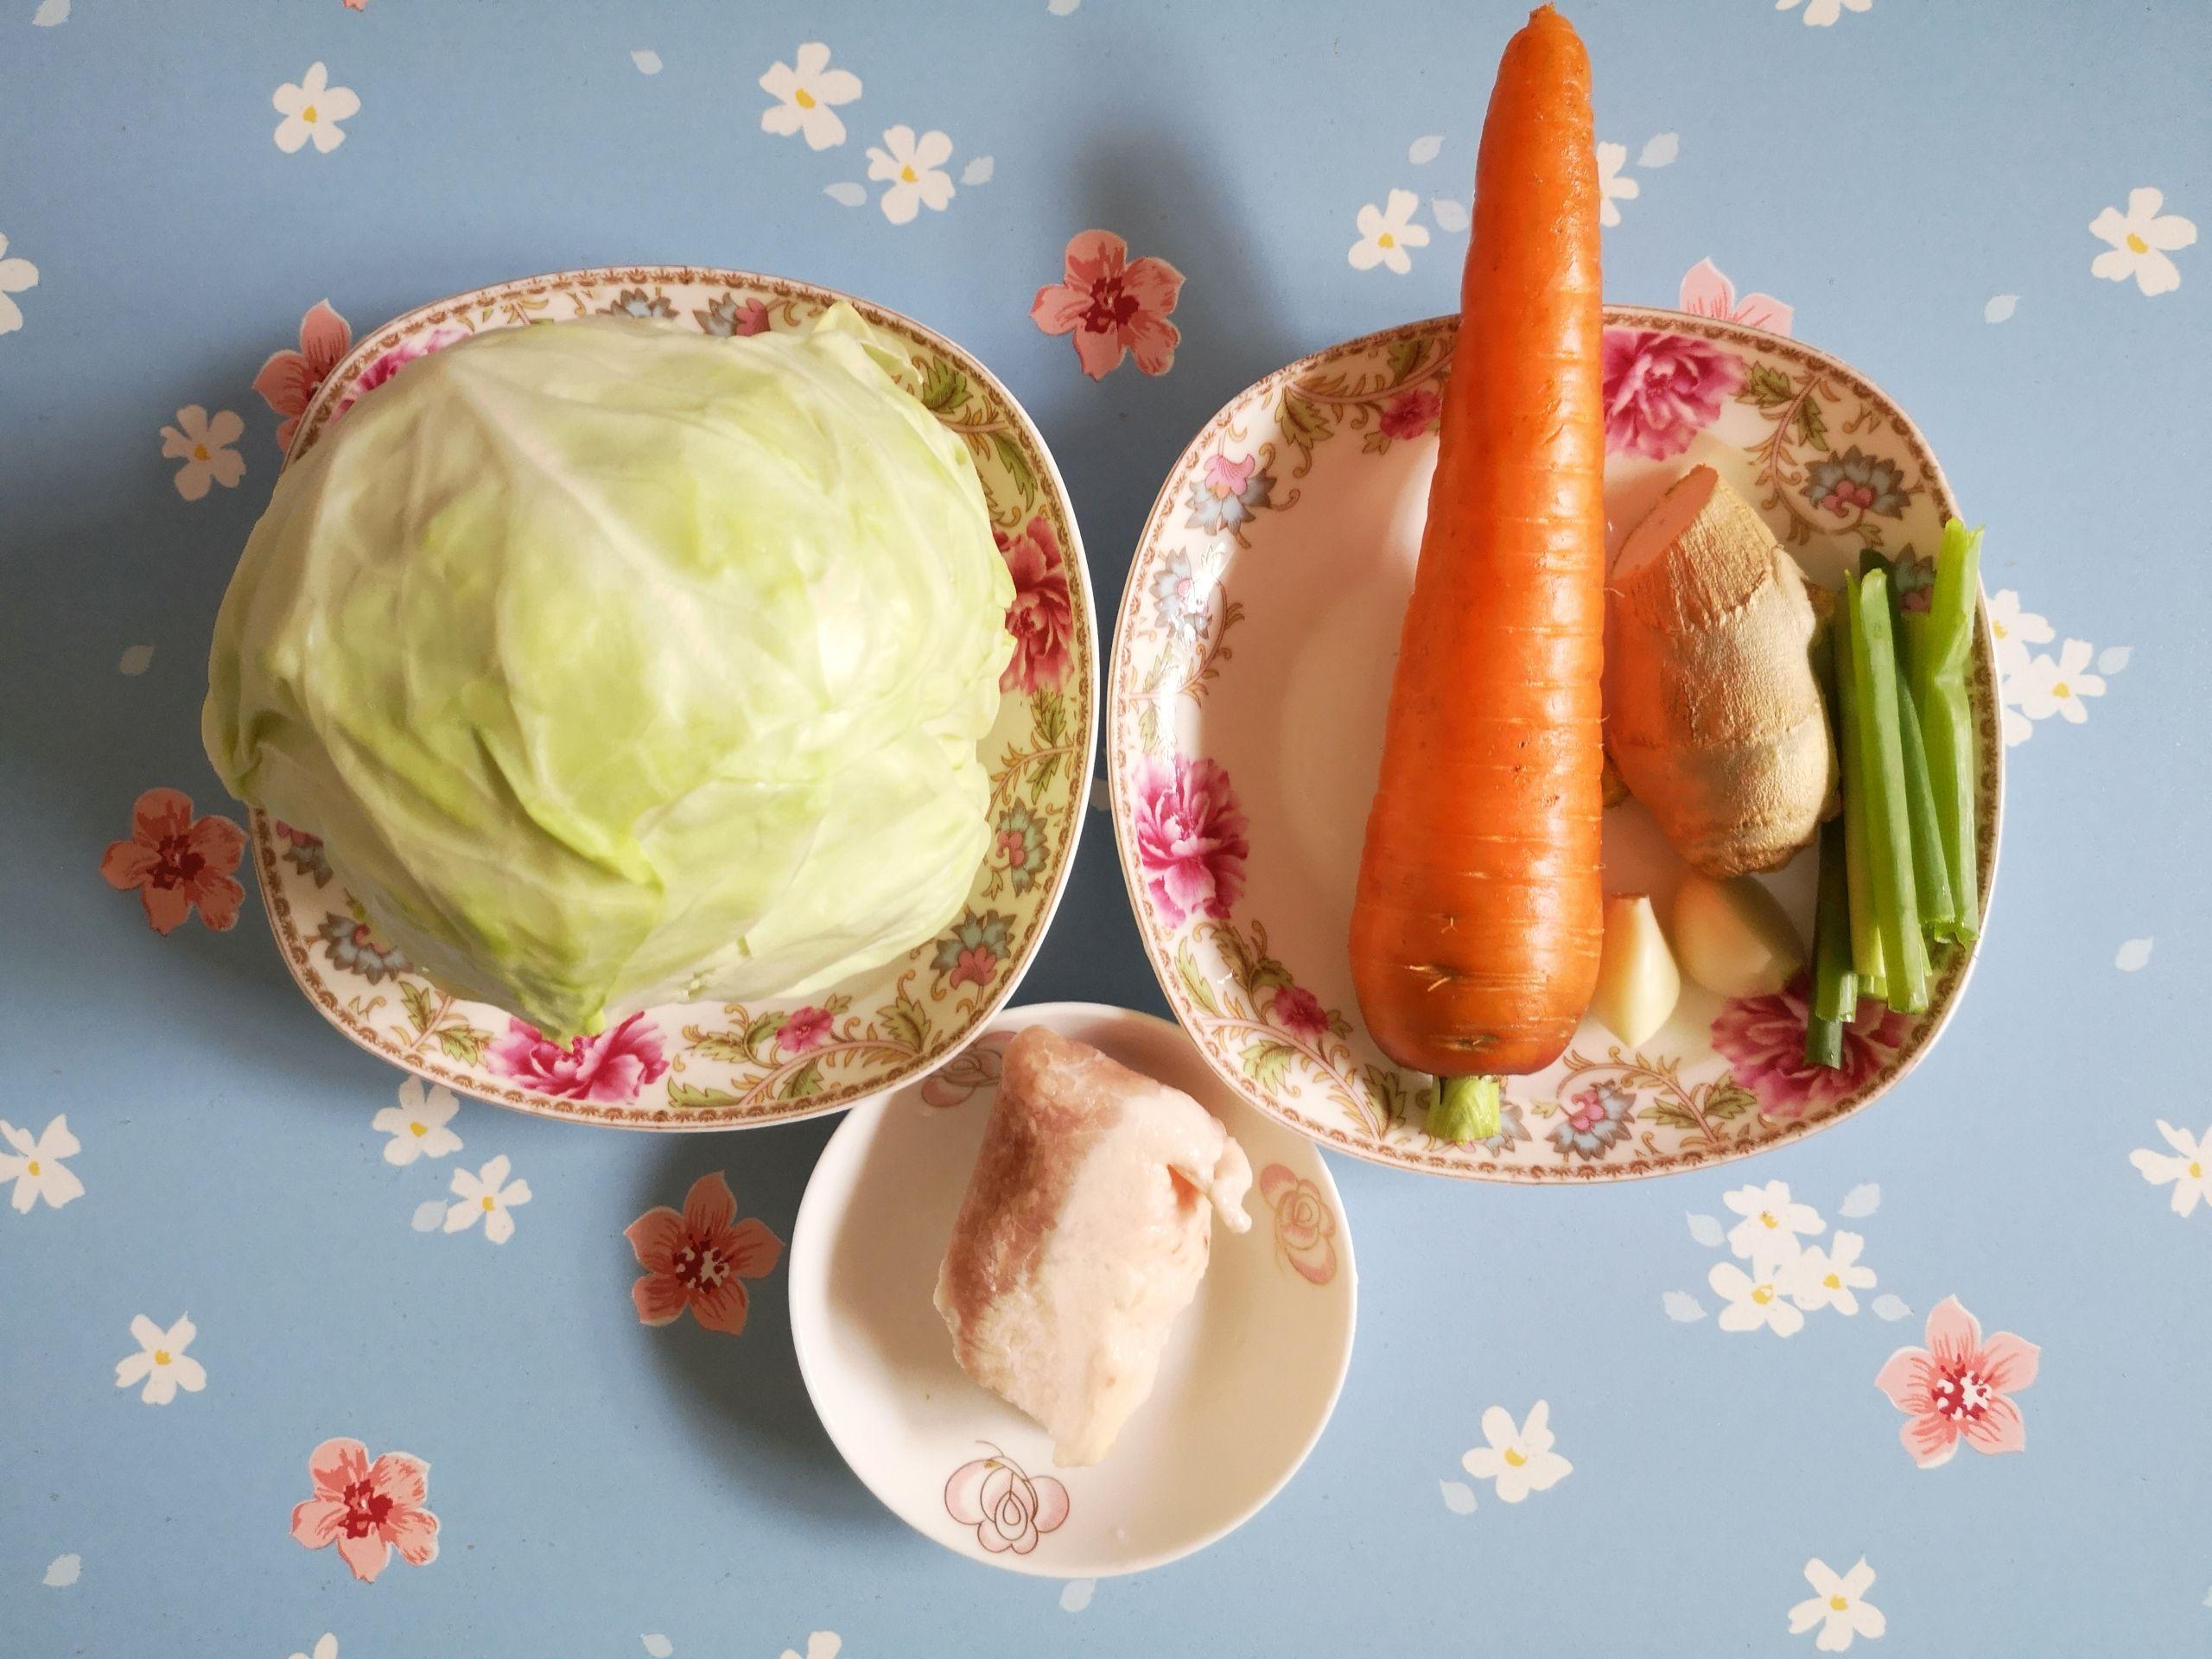 解饞又美味的手撕包菜,太浪費大米飯了的步驟